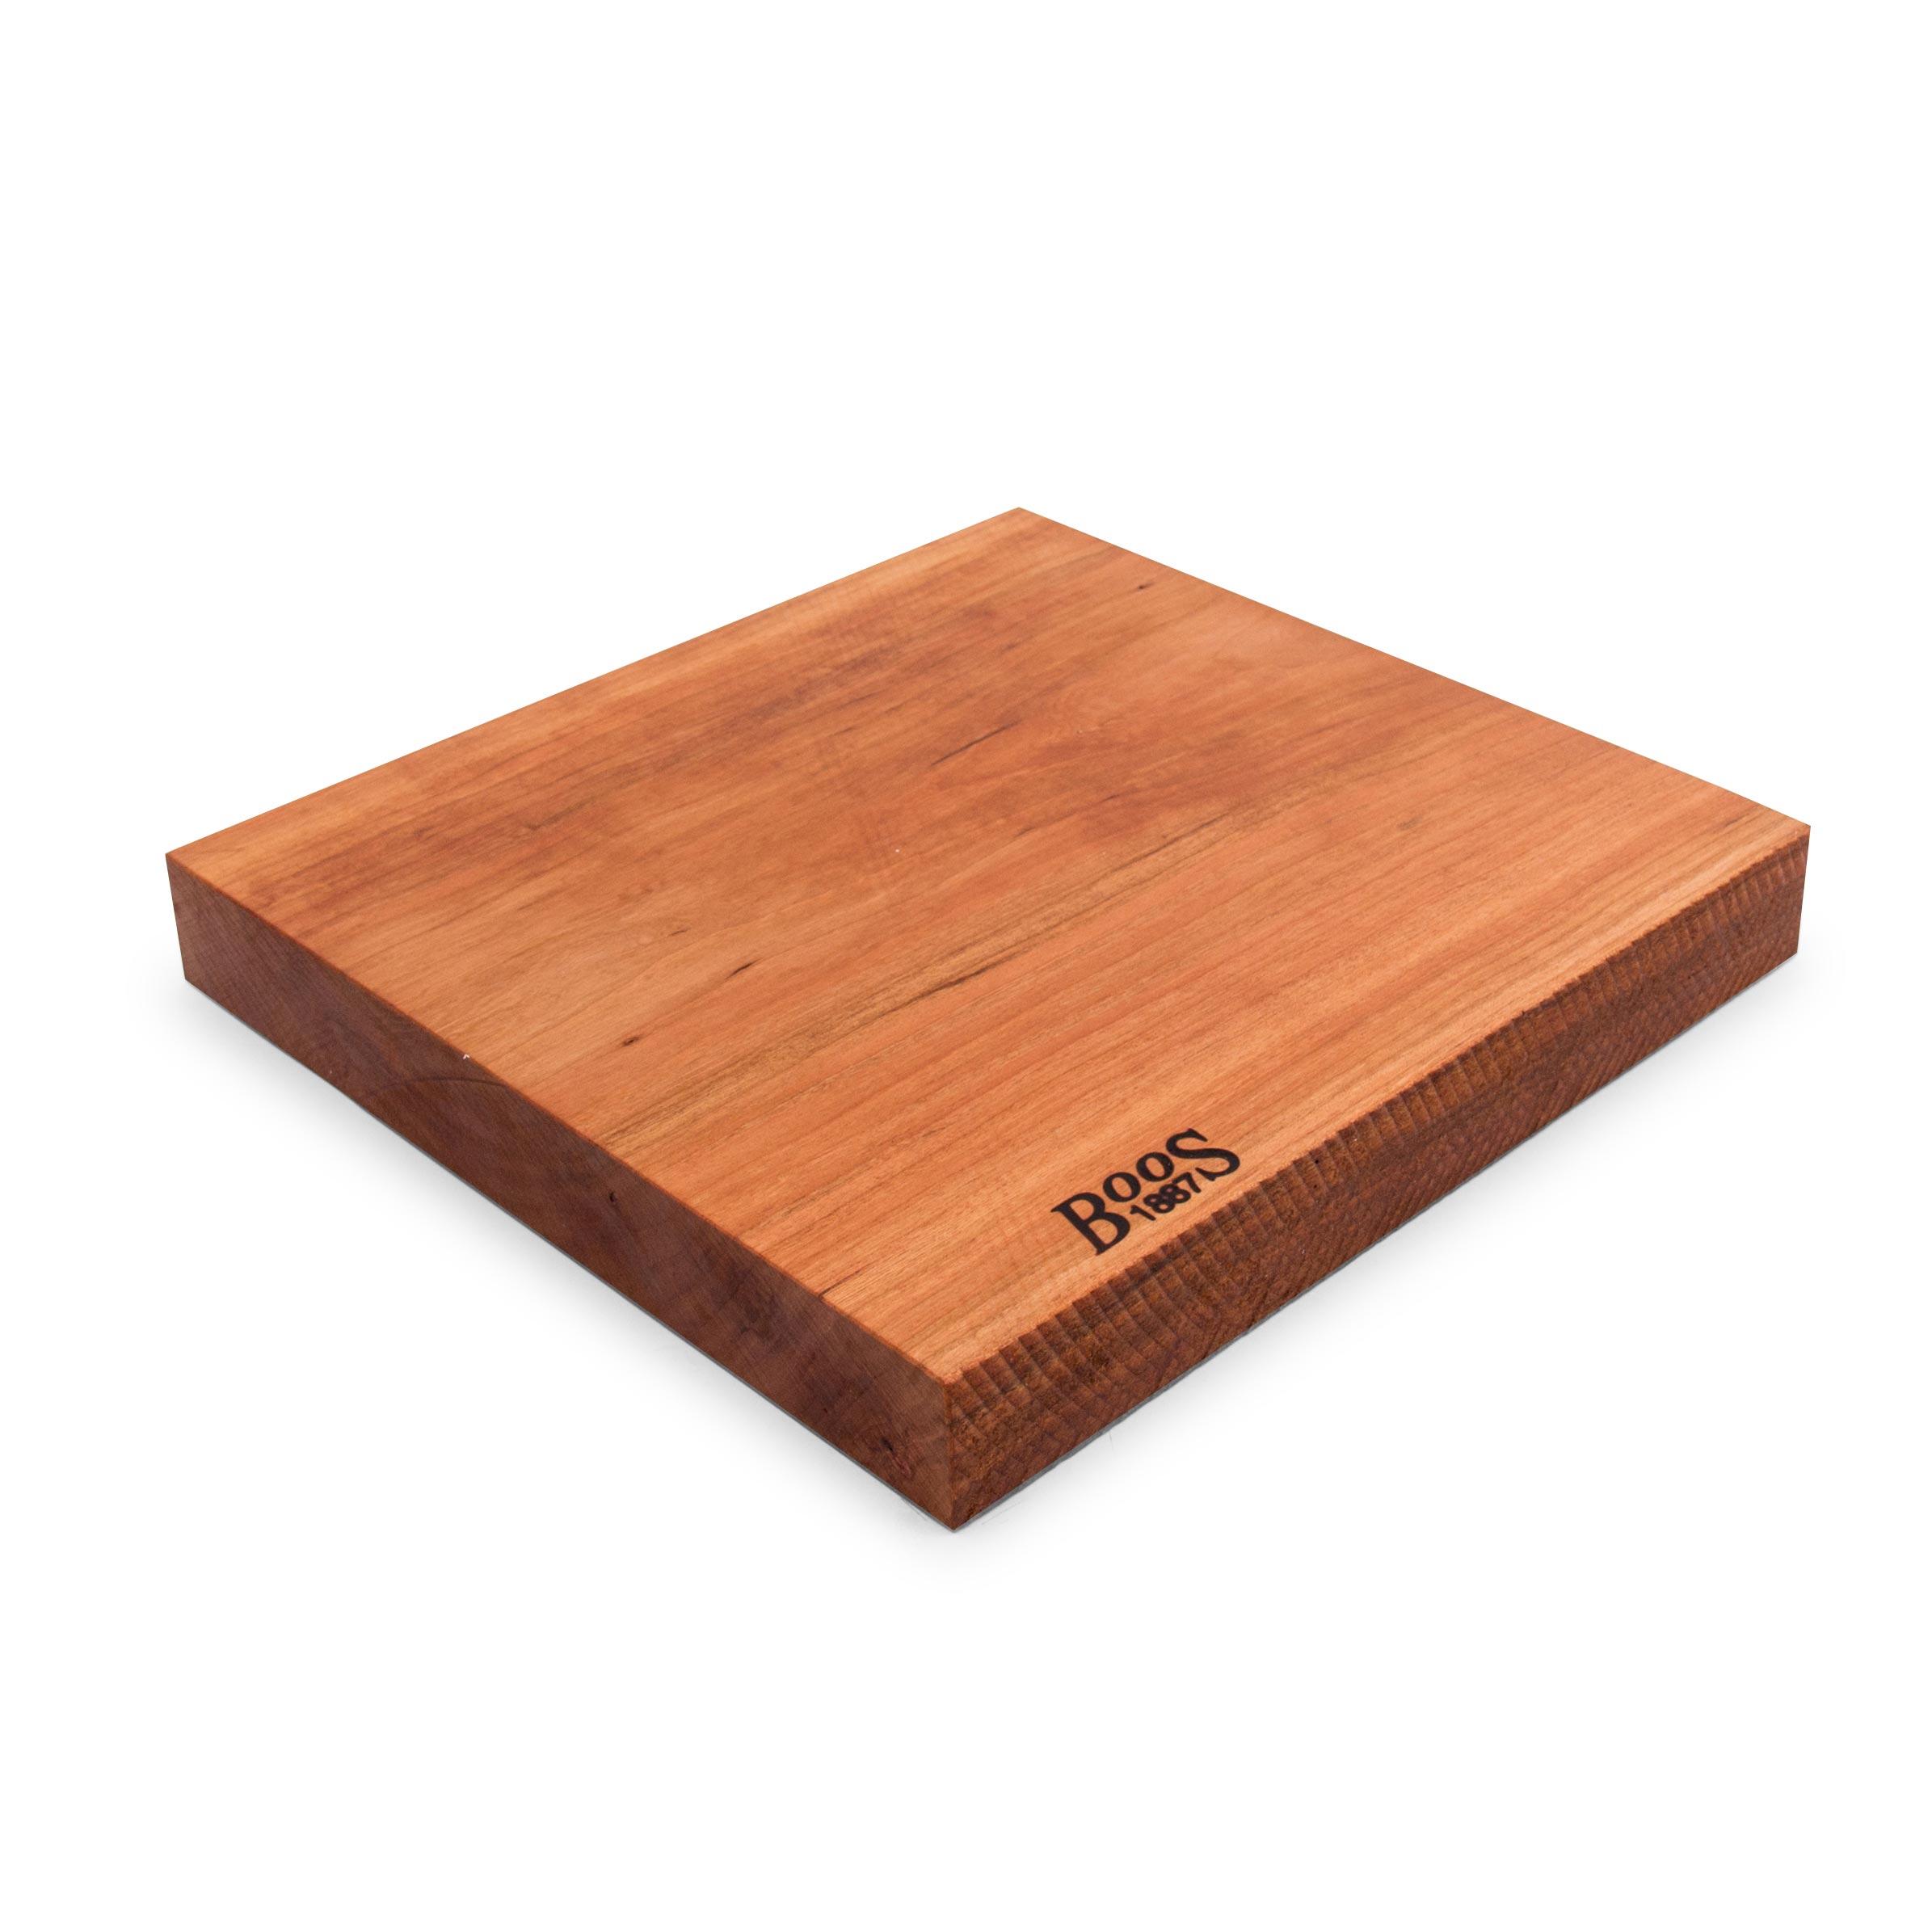 John Boos CHY-RST1712175 cutting board, wood